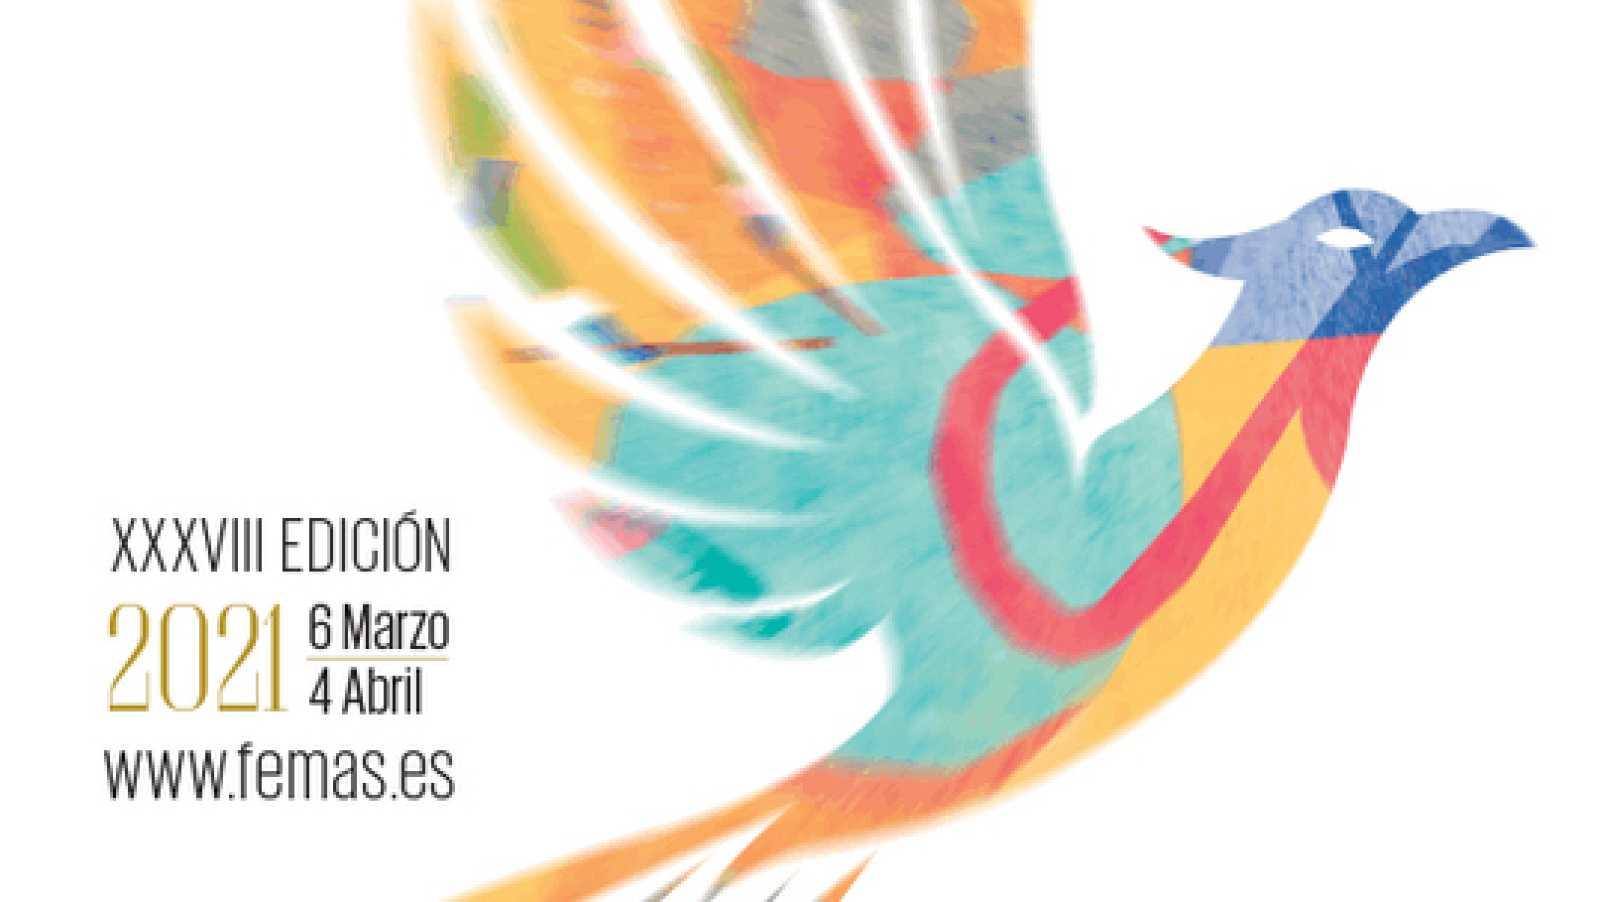 Artesfera - 'Omnia Vincit Musica', lema de la 38 edición del FeMÀS - 25/03/21 - escuchar ahora